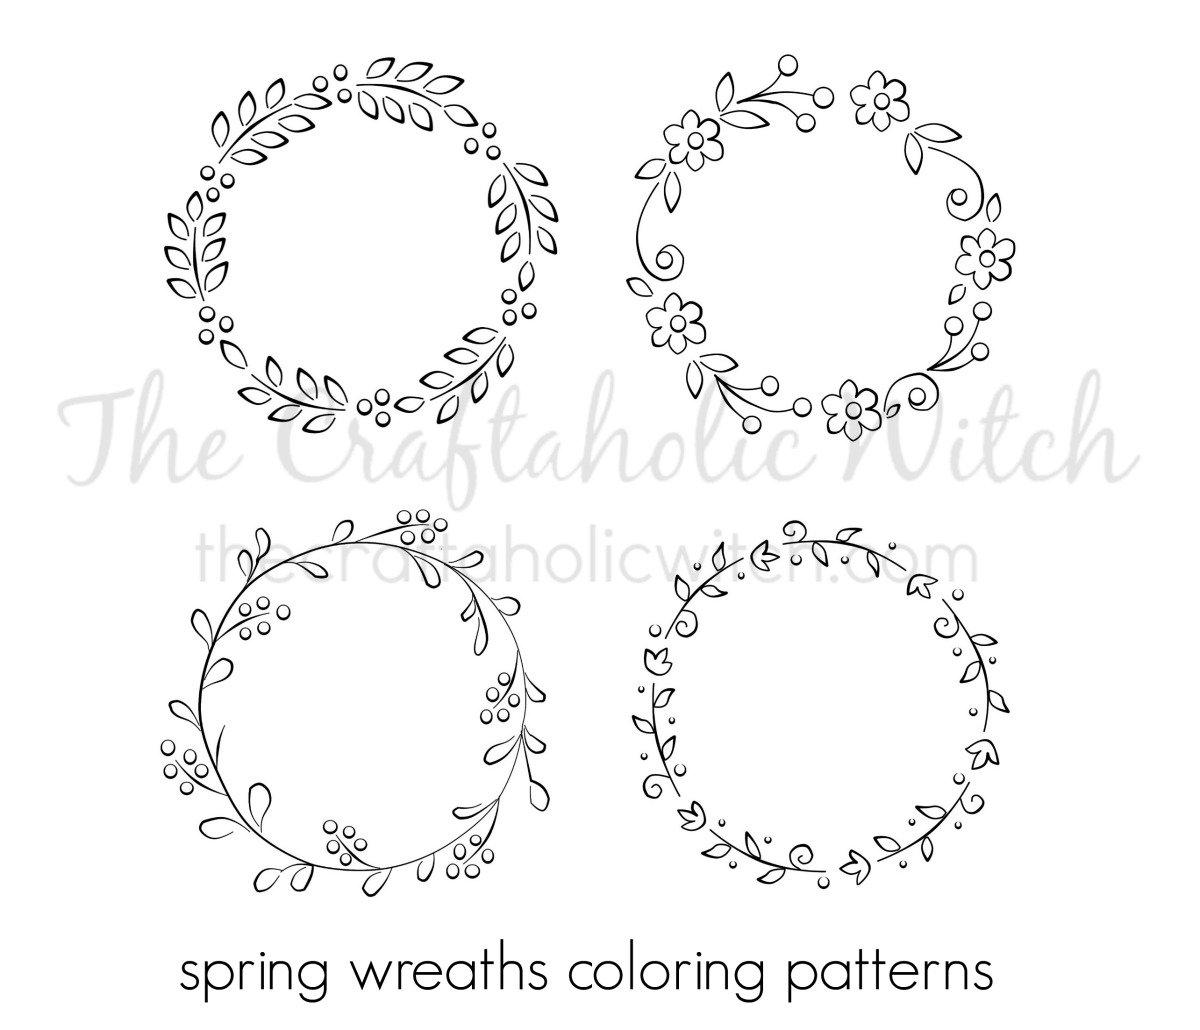 spring wreaths (1)